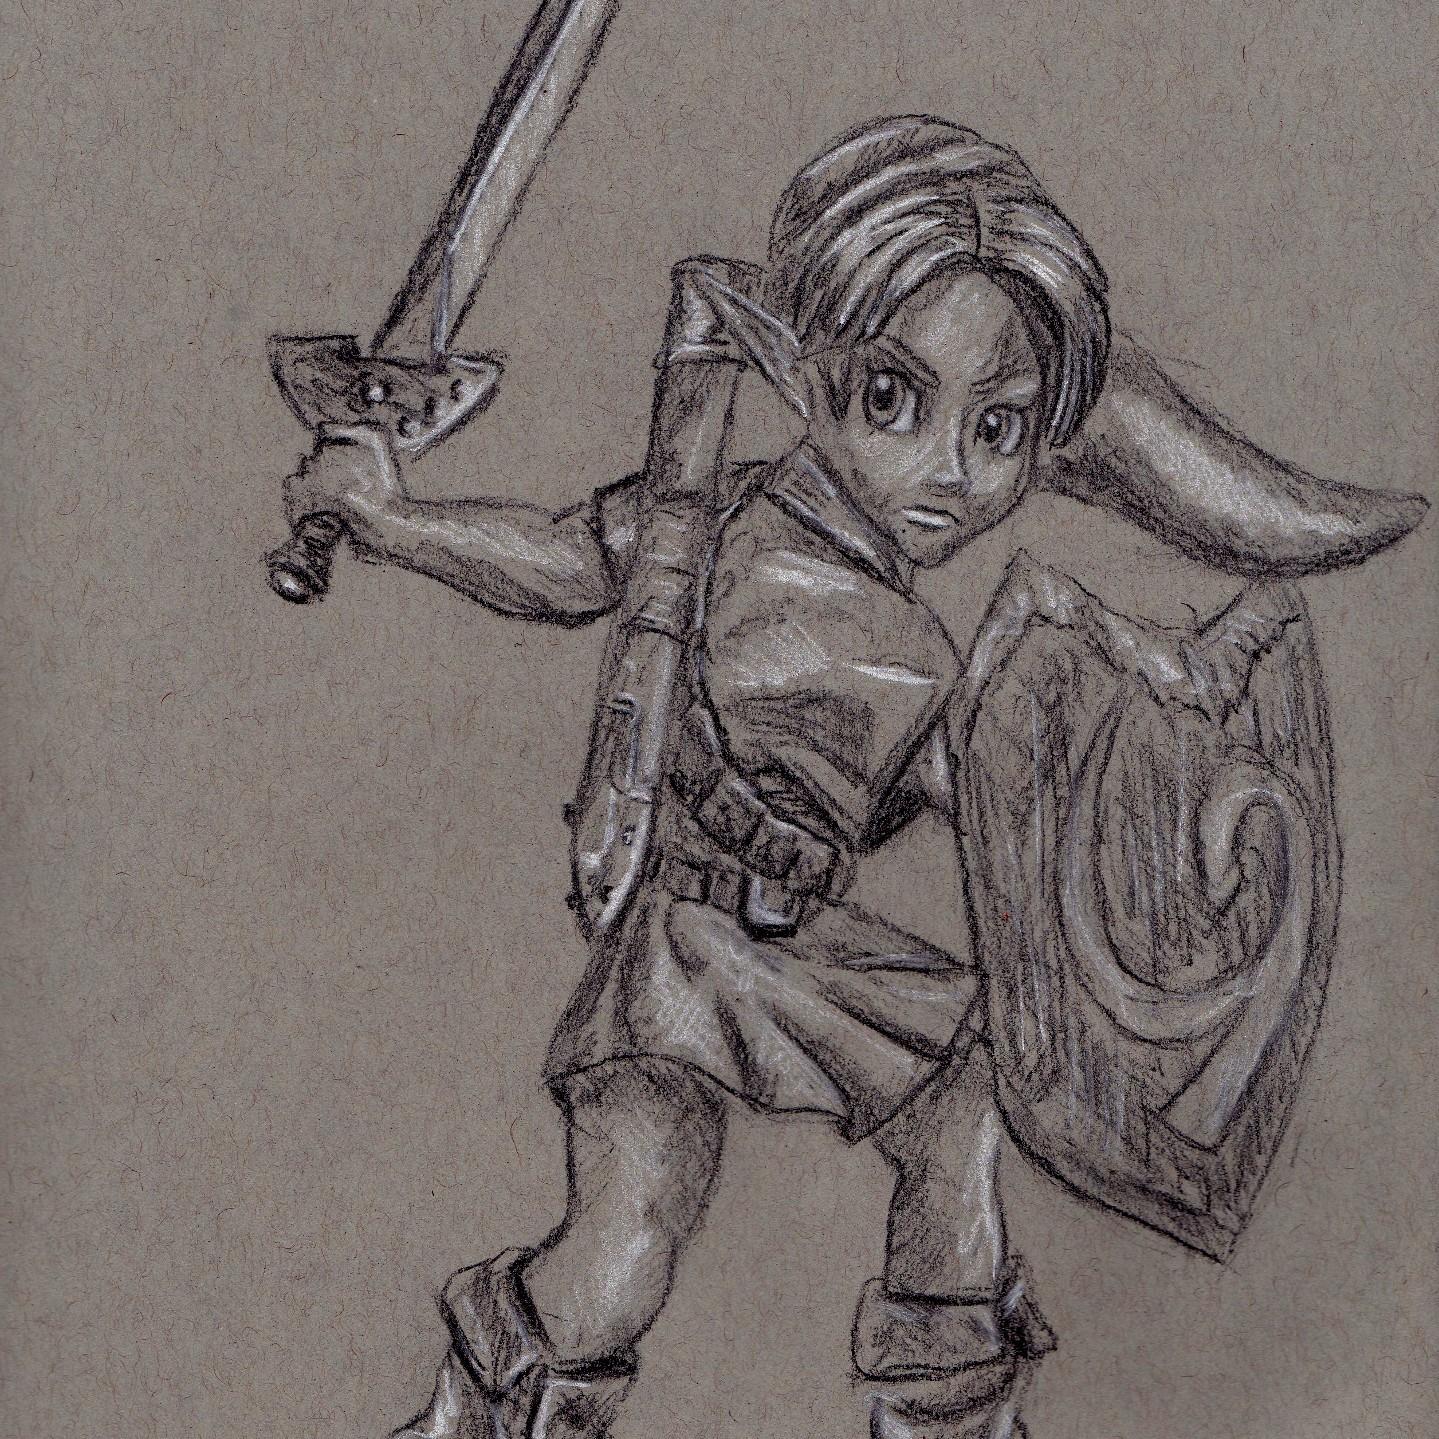 link - legend of zelda - zelda - art - drawing - fine art - manga - illustration